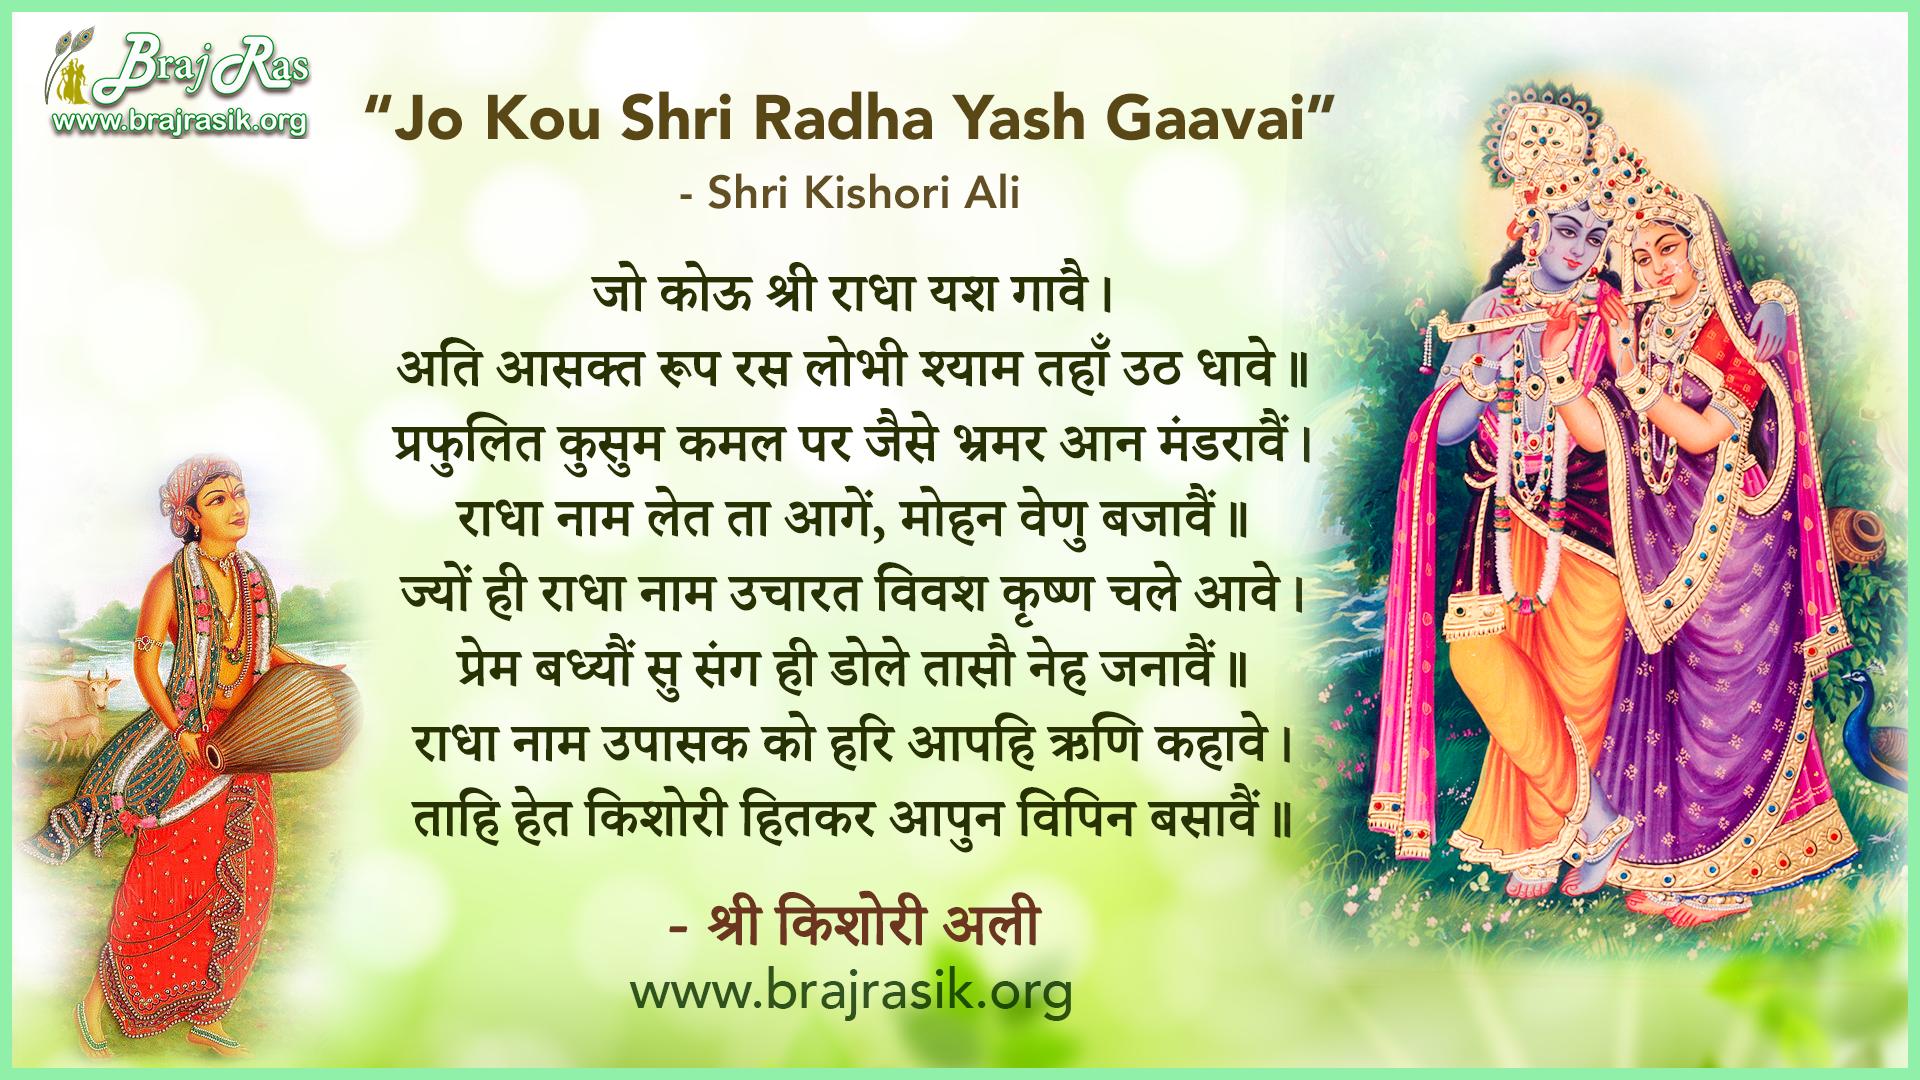 Jo Kou Shri Radha Yash Gaavai - Shri Kishori Ali